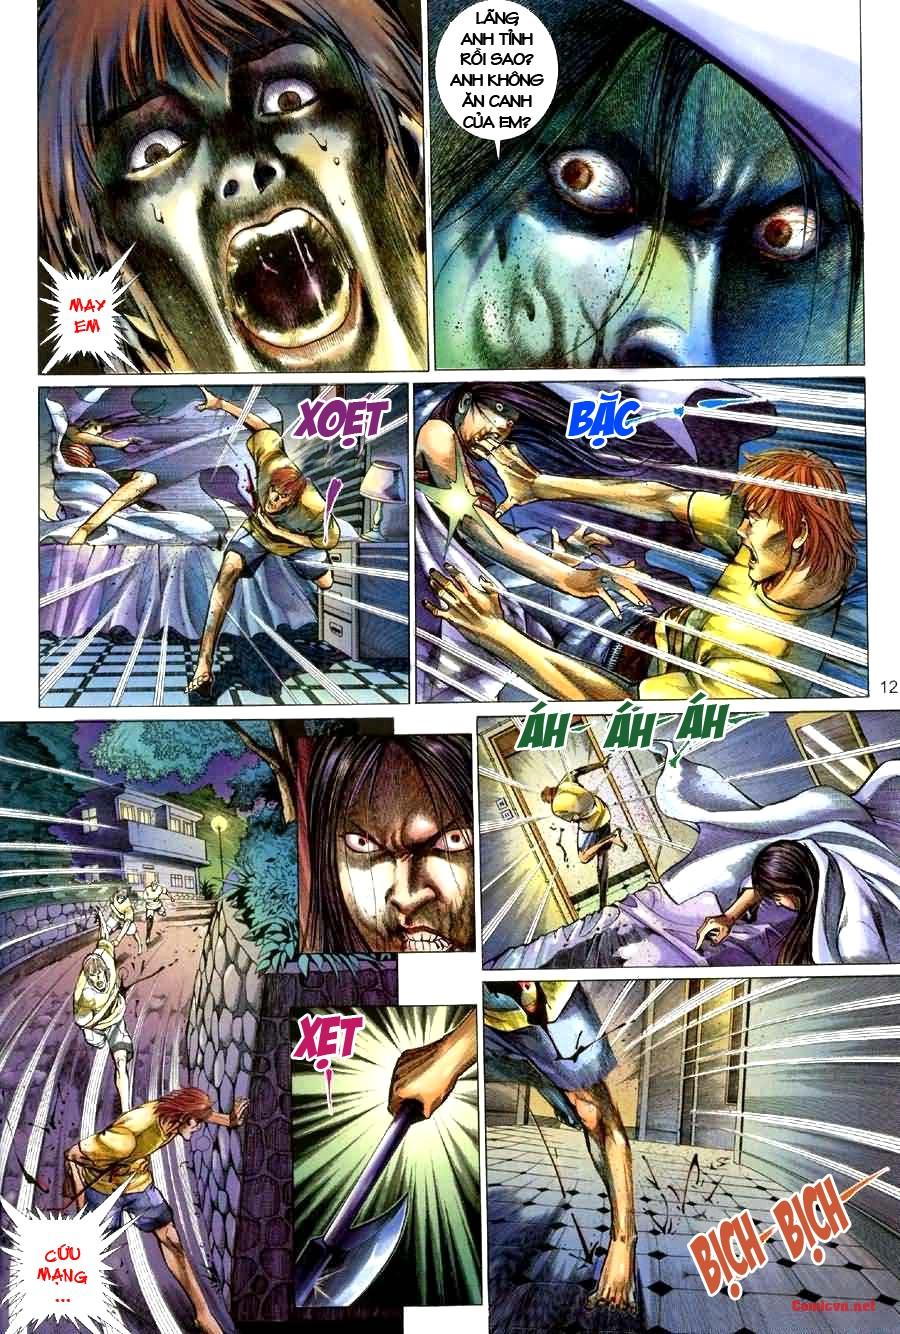 Quỷ Mộ chap 001 trang 12